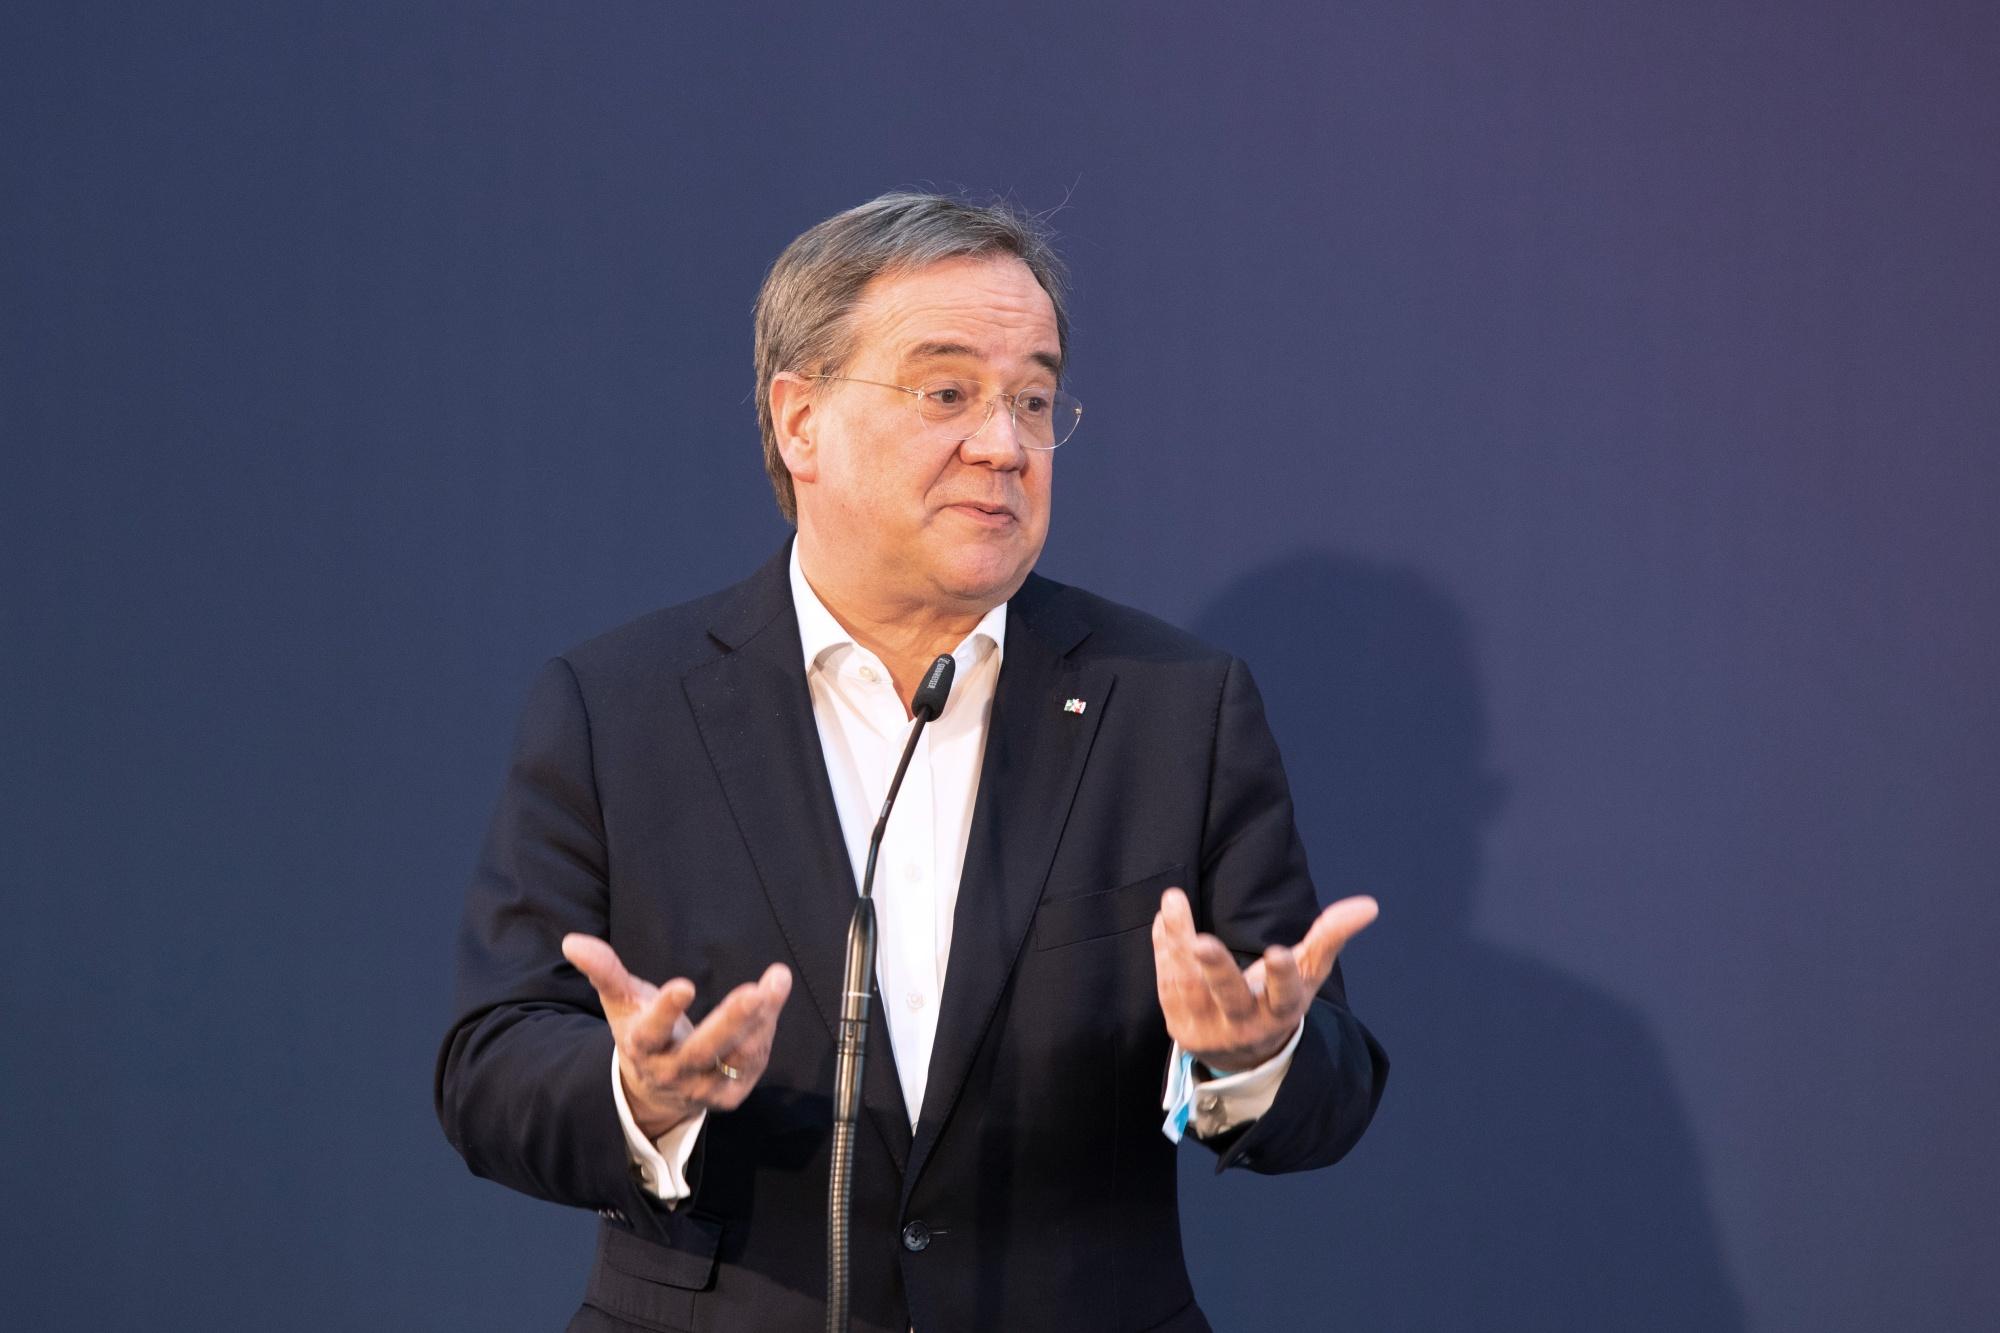 CDU-Leiter Armin Lachet und CSU-Leiter Marcus Soder Pressekonferenz